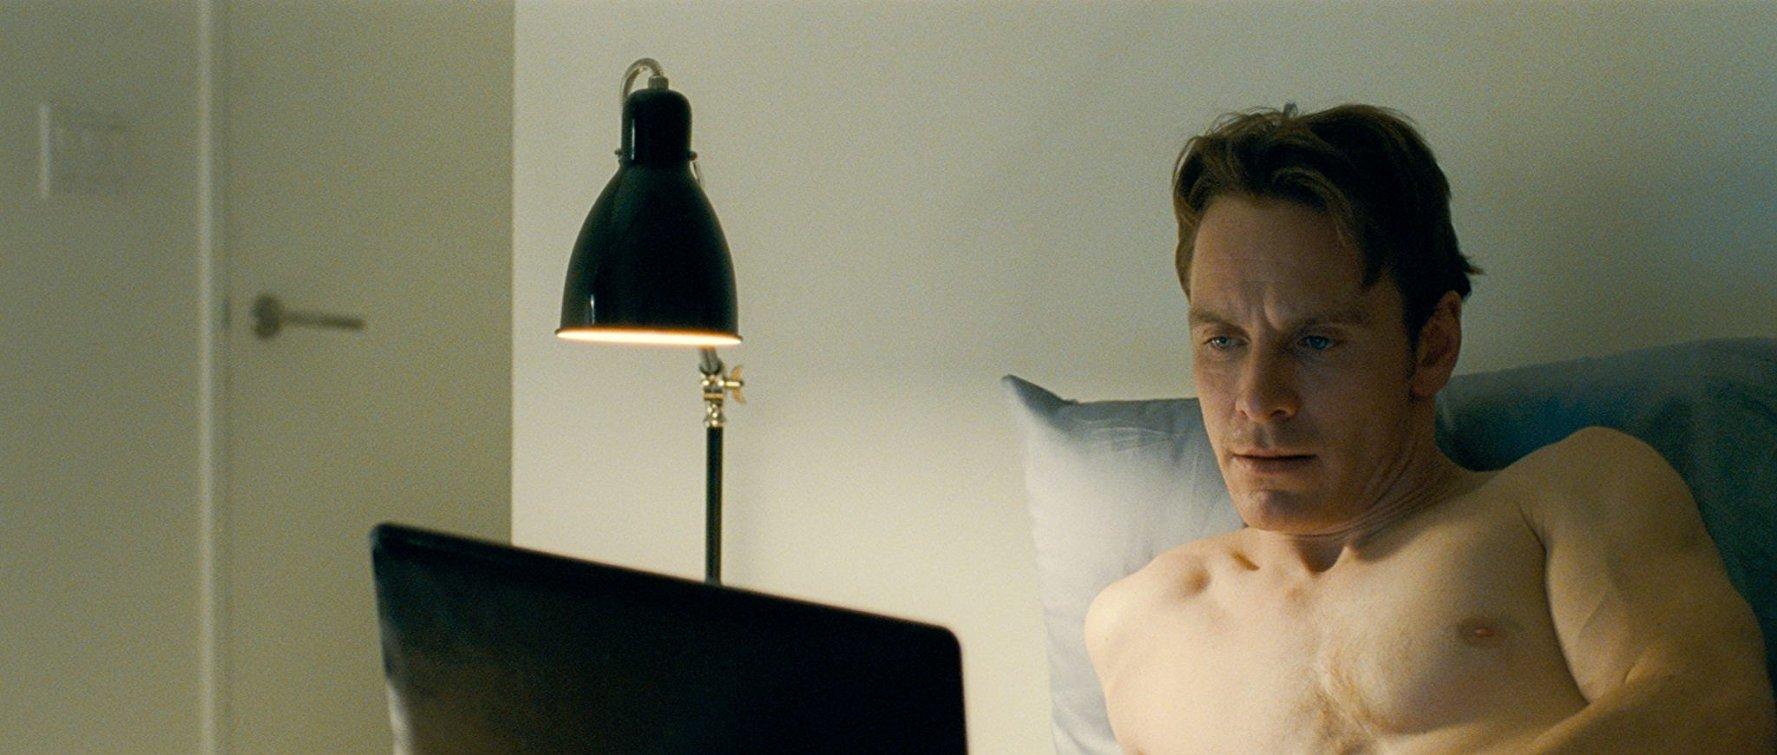 33 filmes cheios de erotismo e sensualidade que são ideais para apimentar uma noite a dois